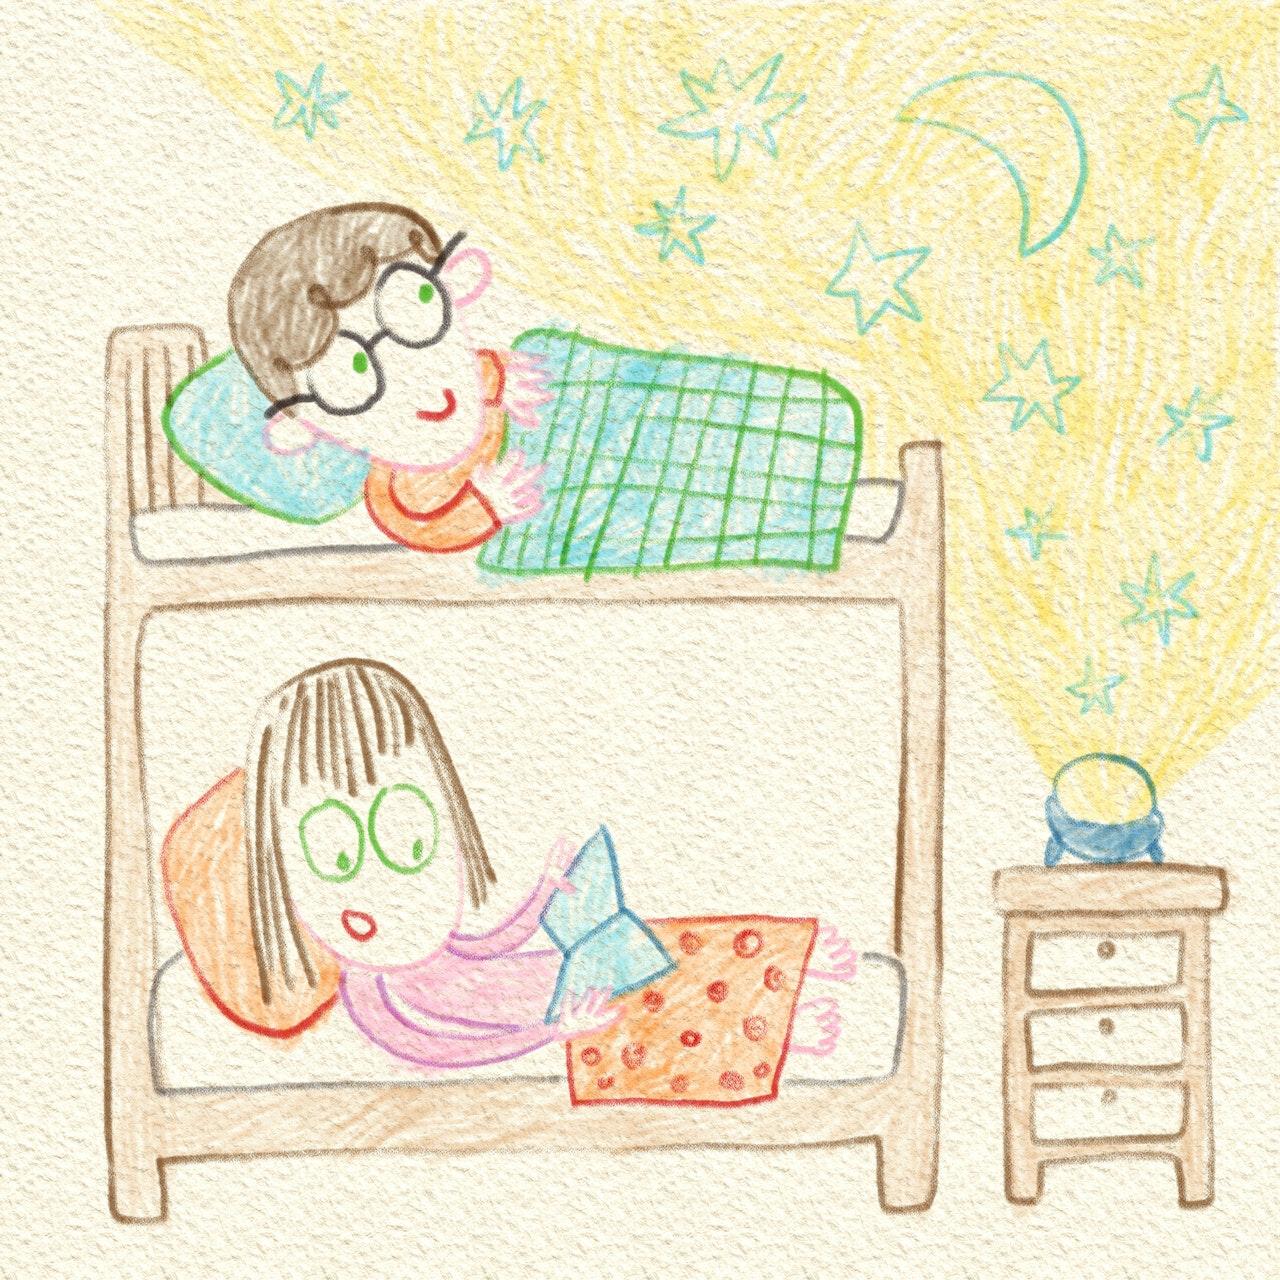 Carousel_2_Bedtime_v4_Artboard 1